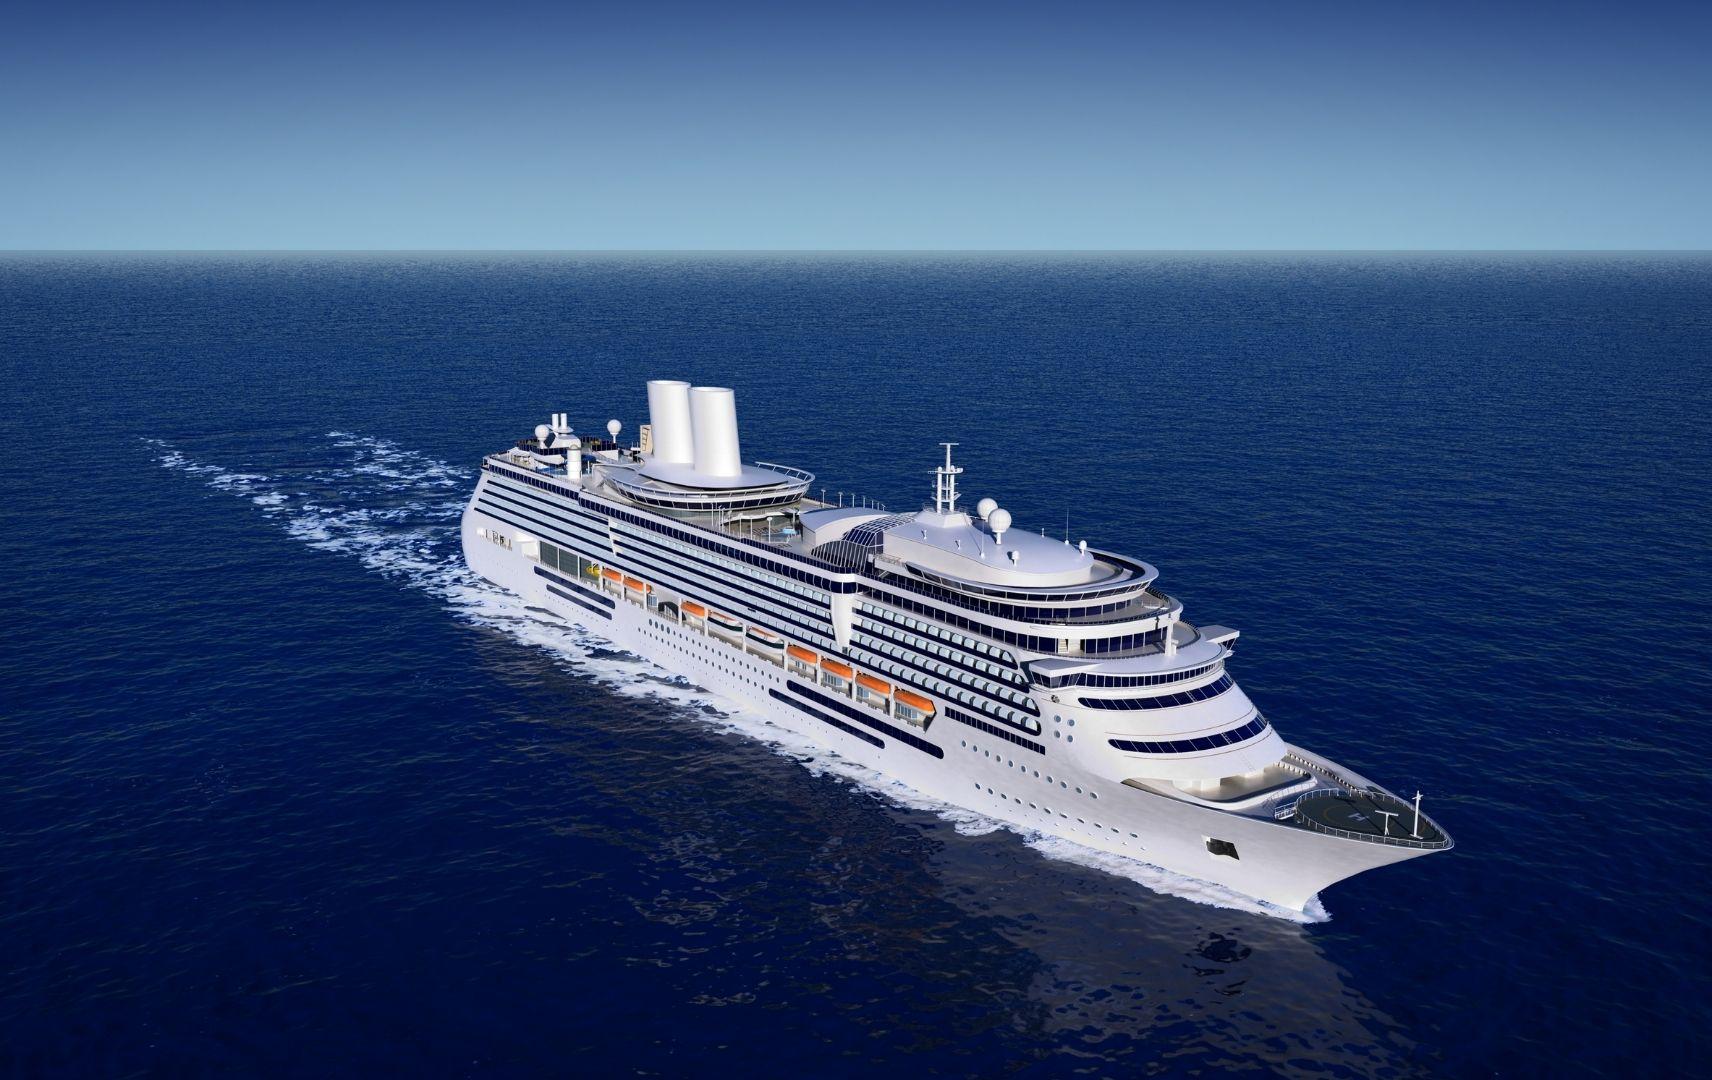 Kreuzfahrt - Kreuzfahrtschiff im Meer